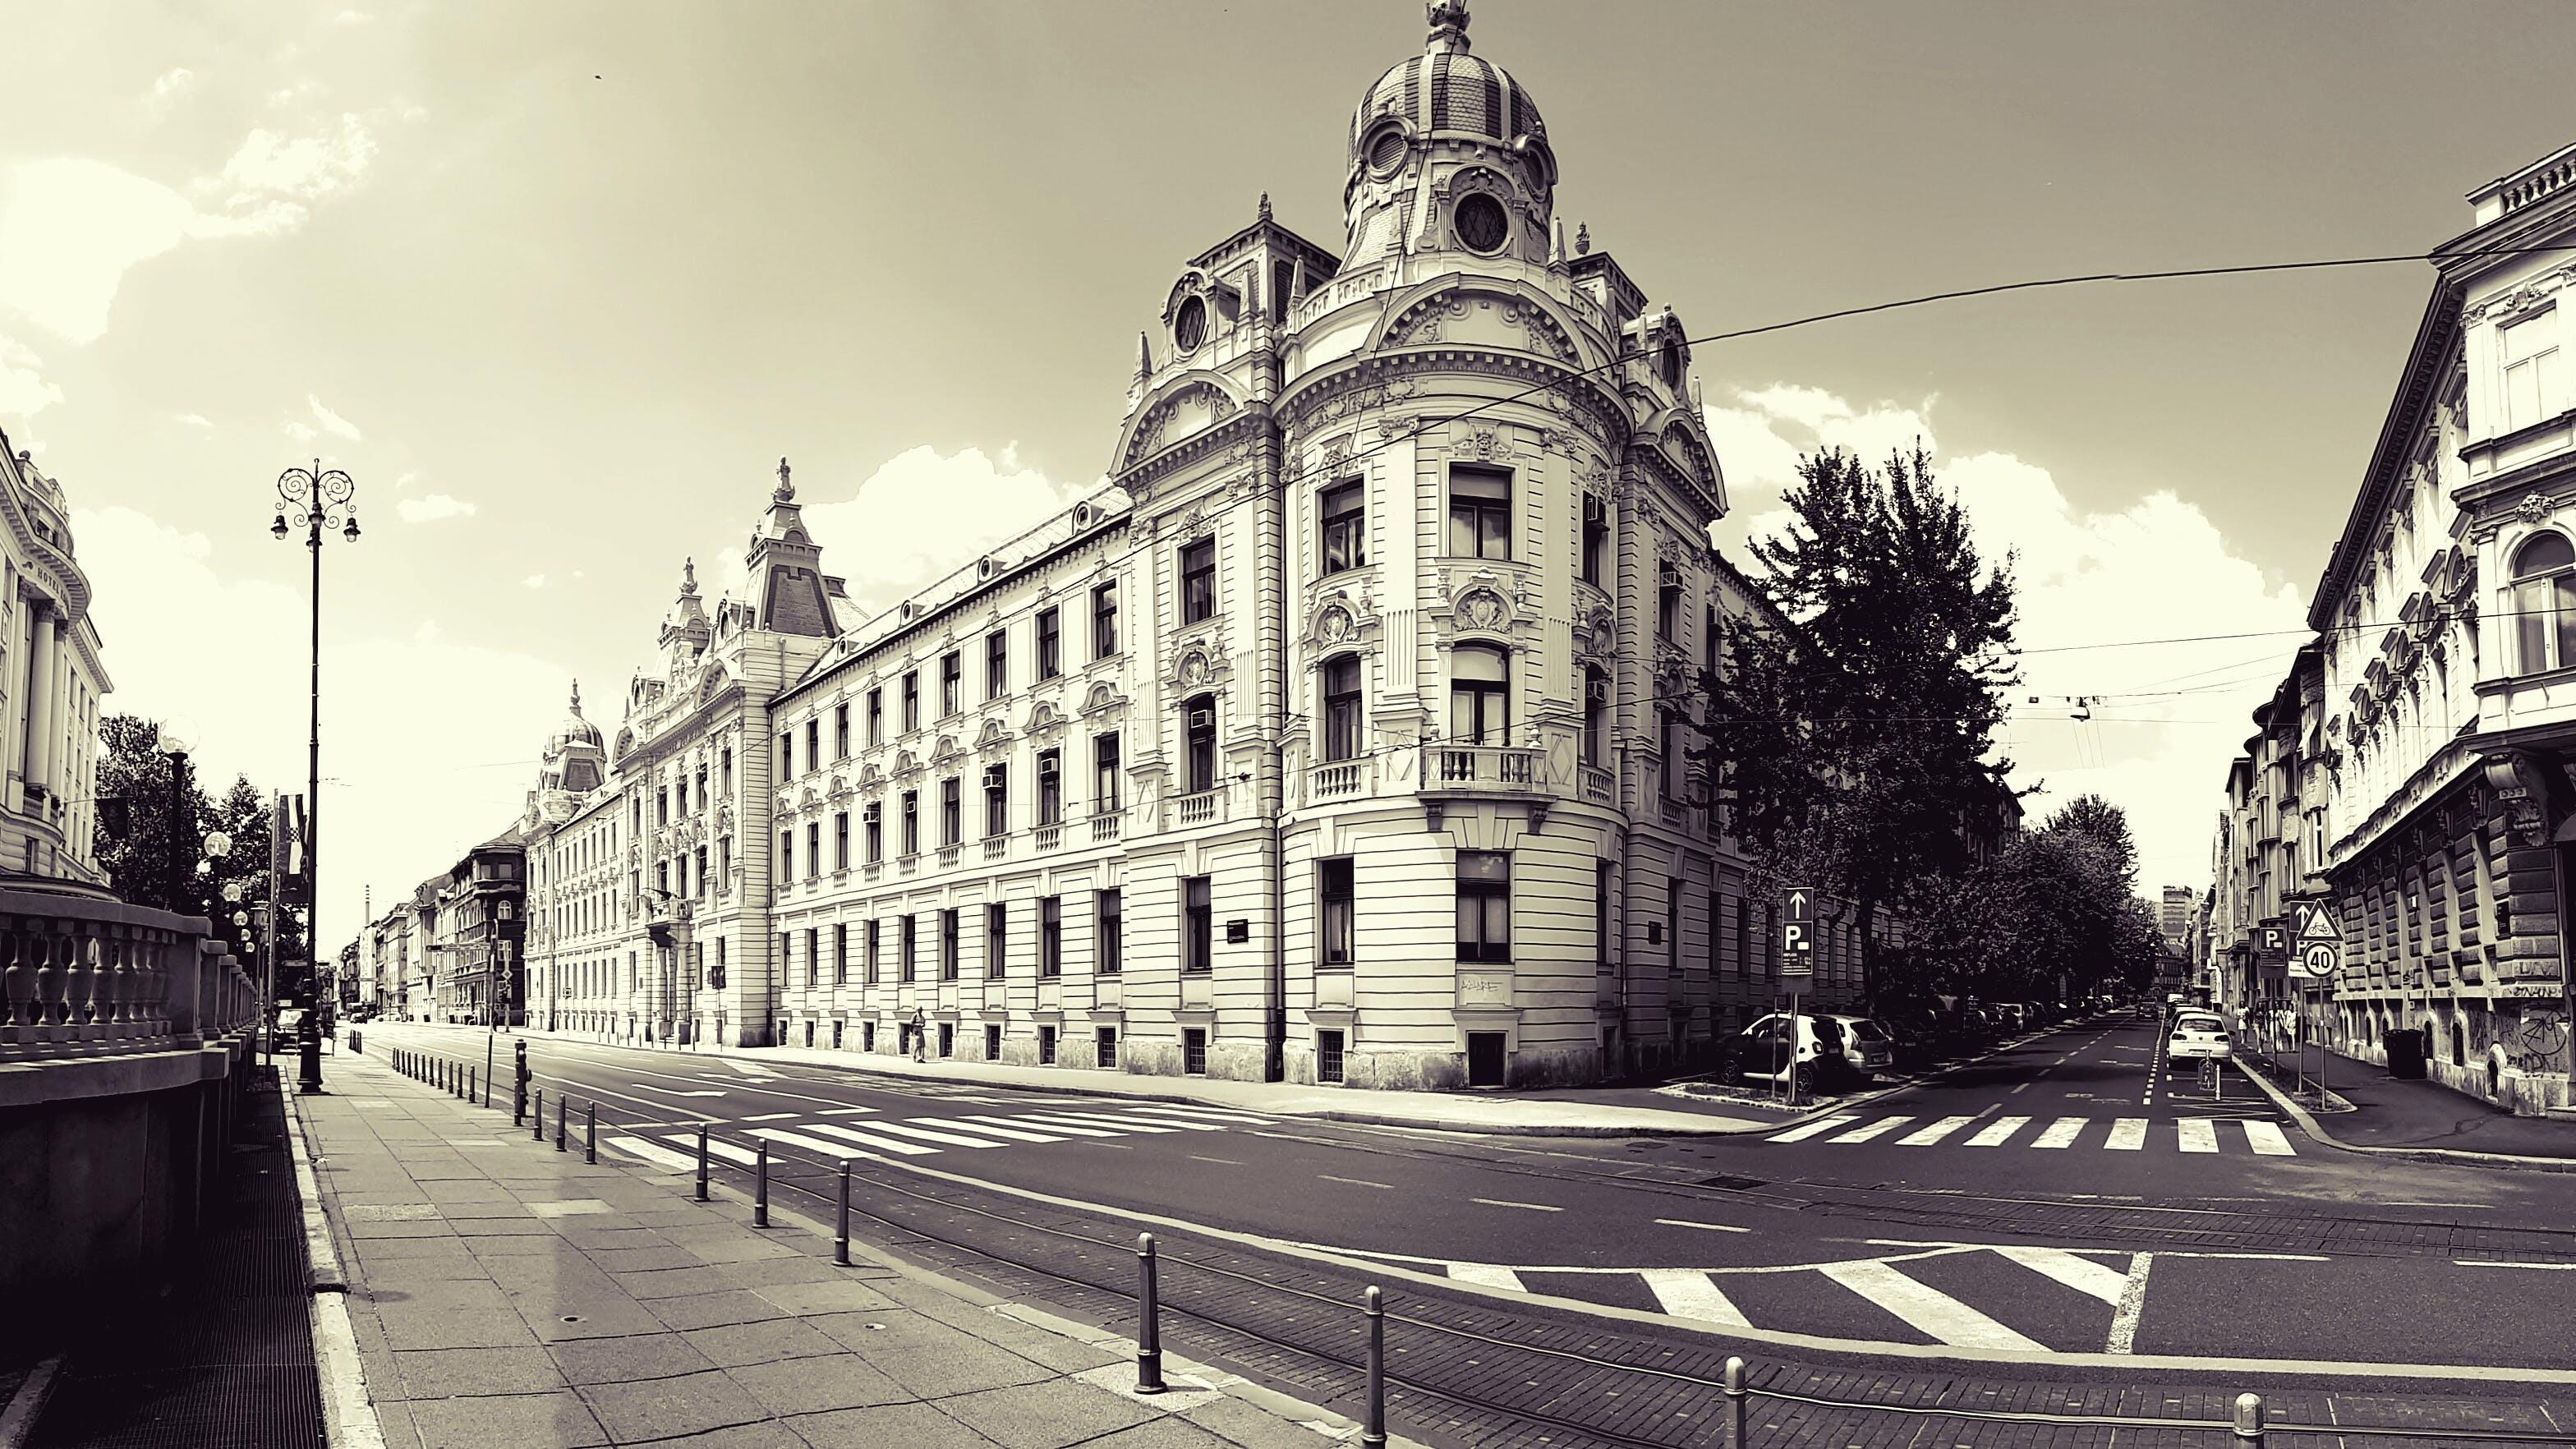 Immagine gratuita di alberi, architettura, bianco e nero, città